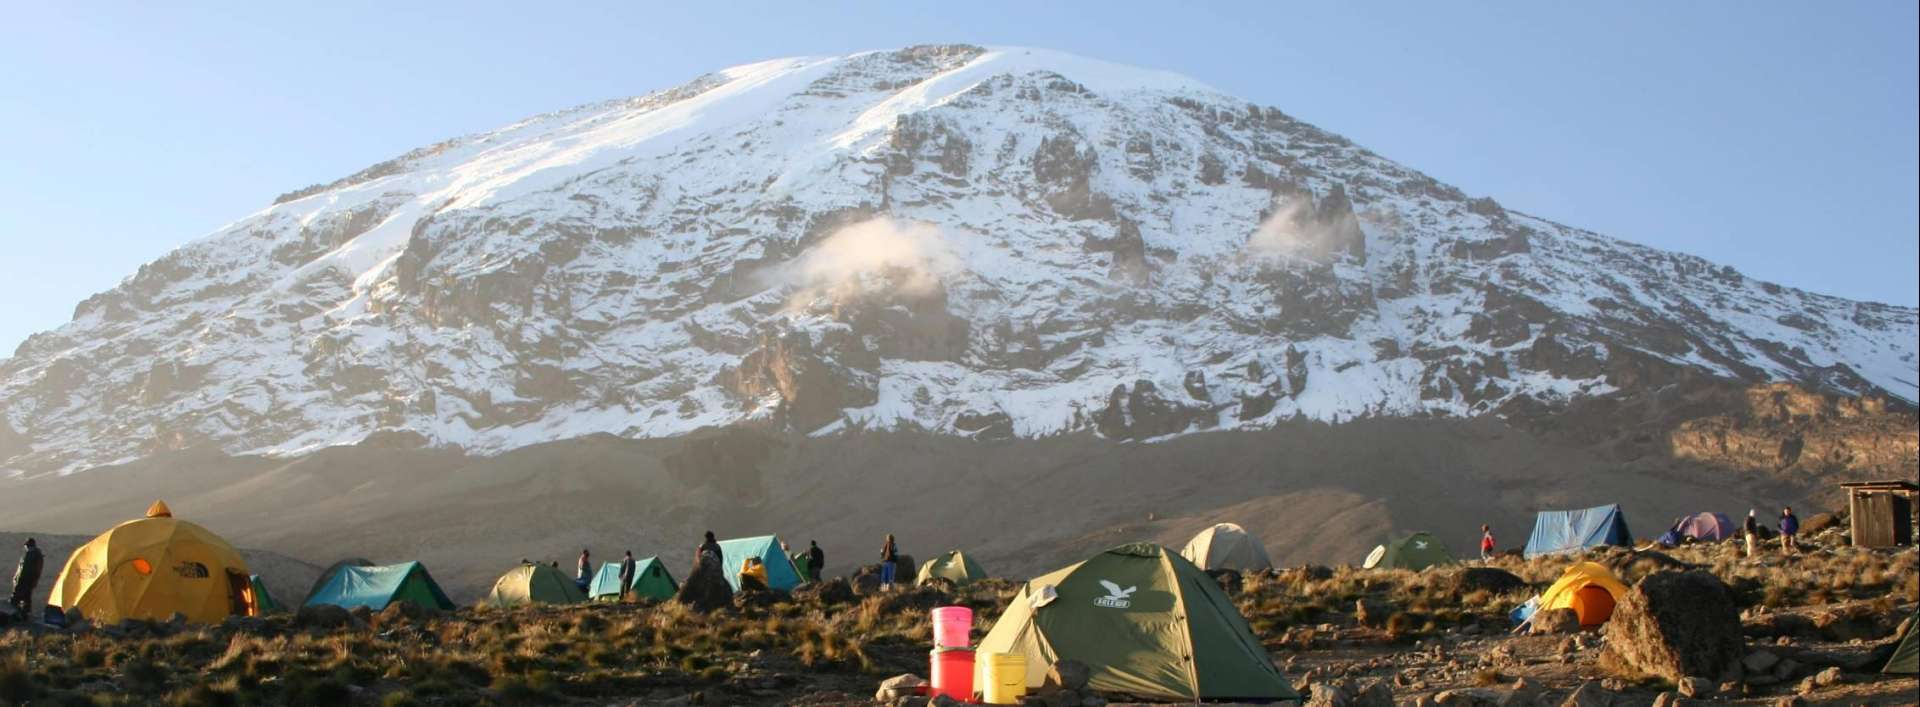 Day 3: Machame camp (2980m) - Shira camp (3840m)